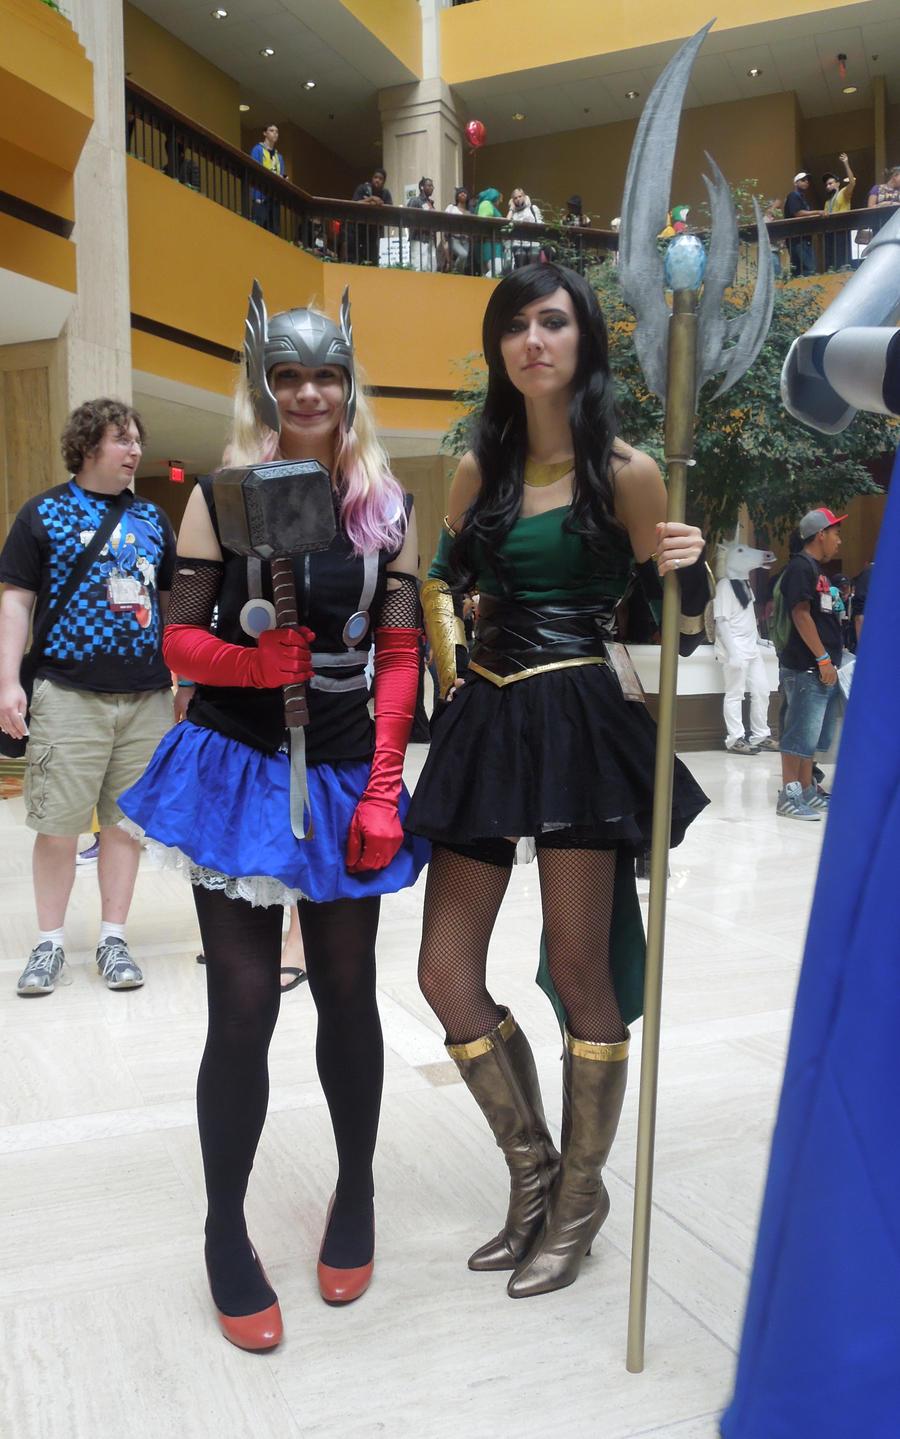 Fem!Thor and Fem!Loki by Anatyla